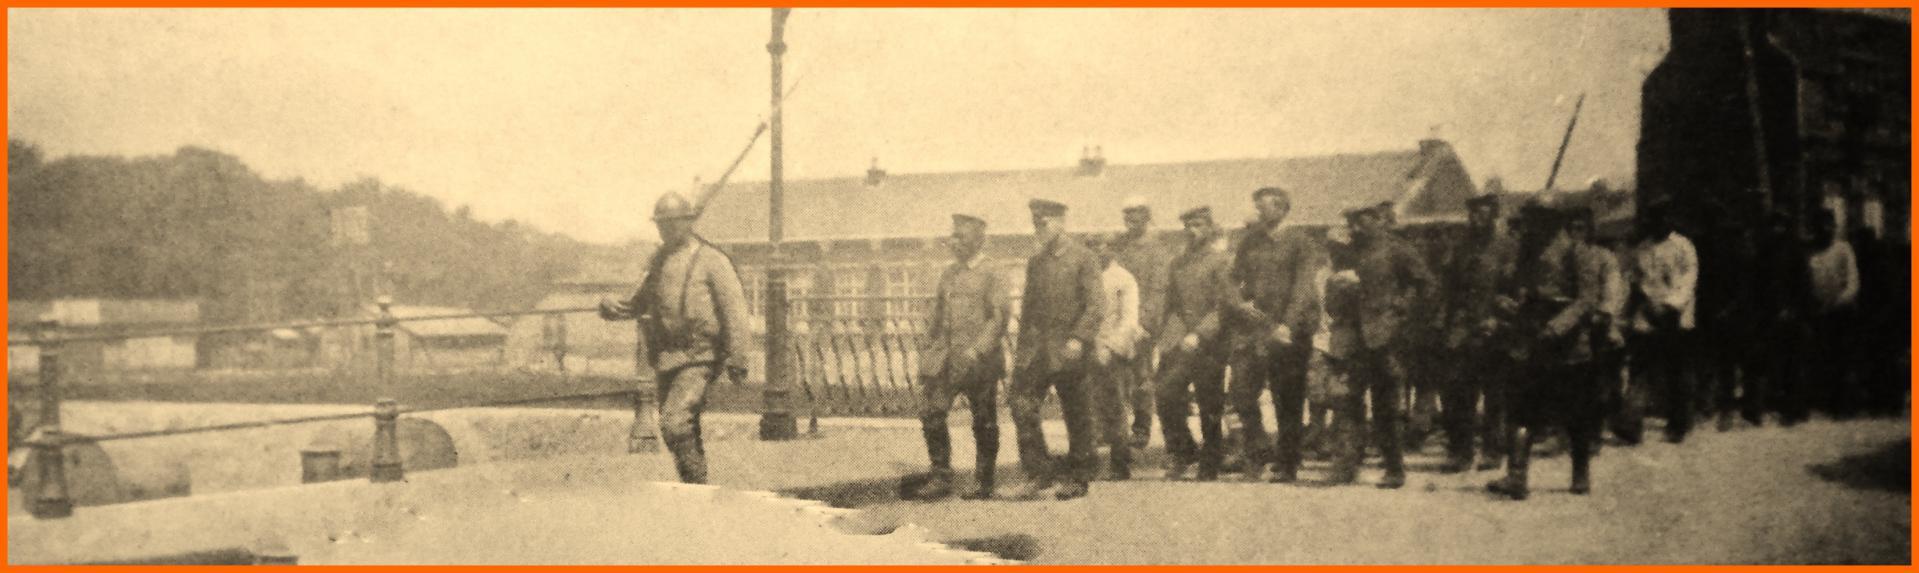 Calais 14 18 prisonniers allemands entrant a calais par la route de boulogne sous l escorte de soldats francais encadre